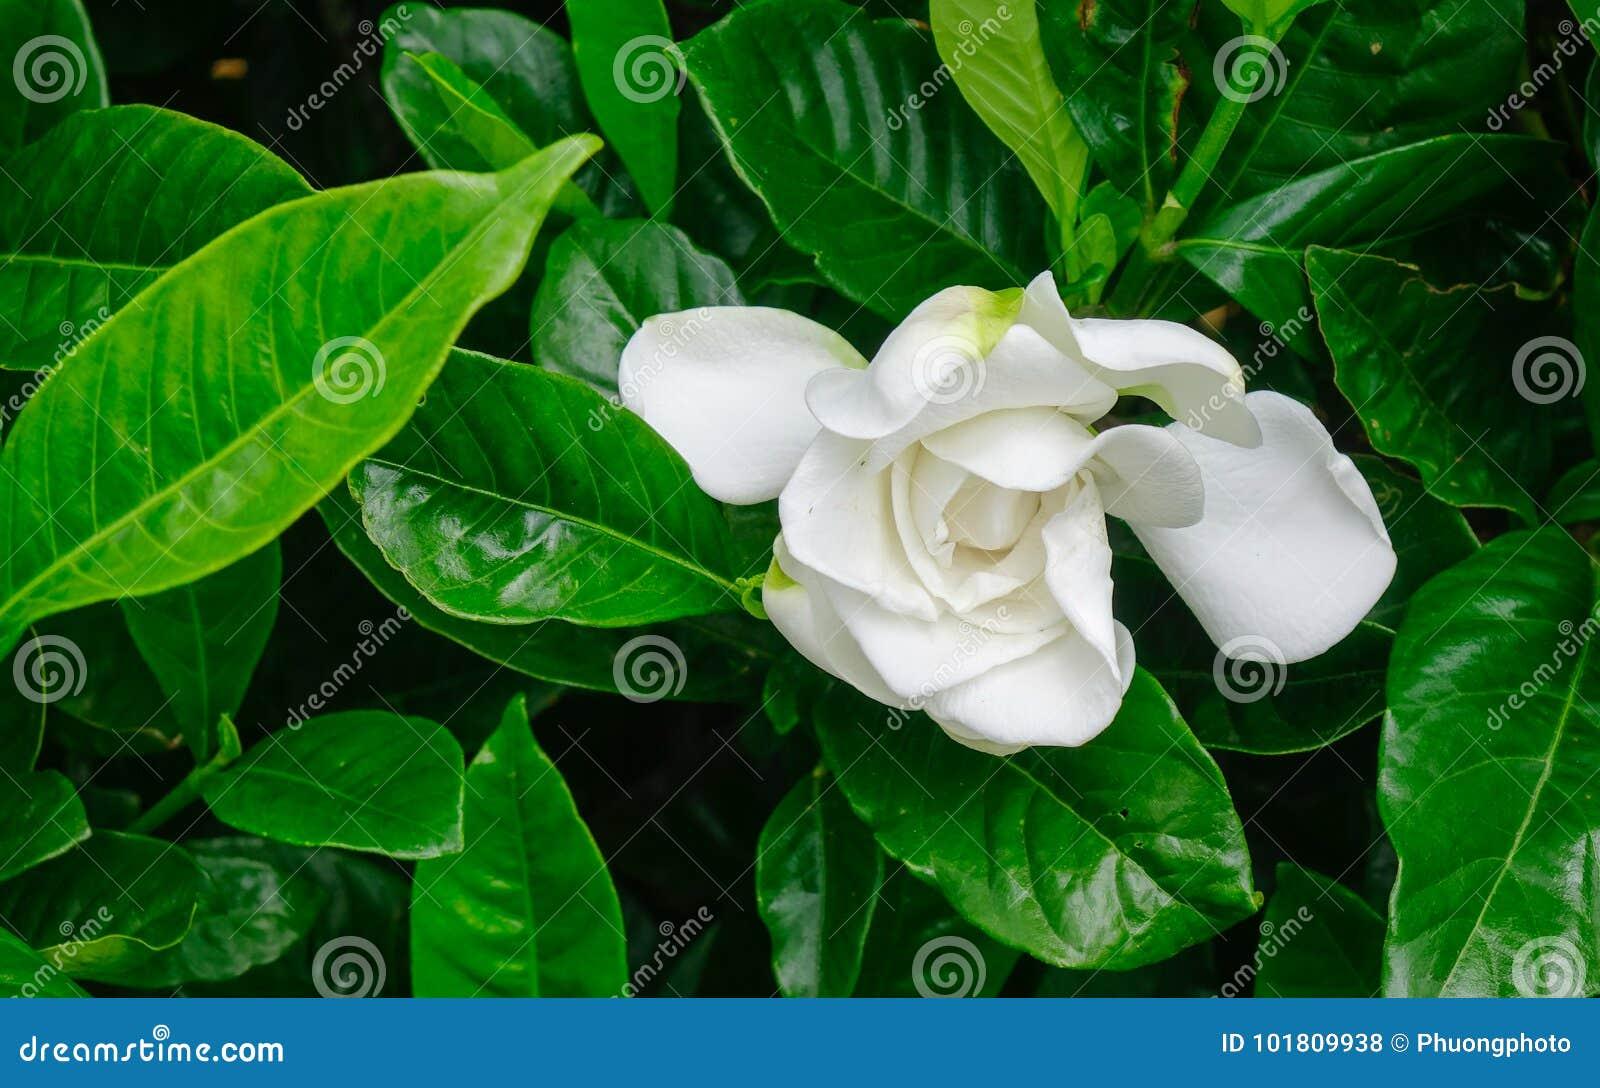 Cape jasmine flower at garden stock photo image of background download cape jasmine flower at garden stock photo image of background pattern 101809938 izmirmasajfo